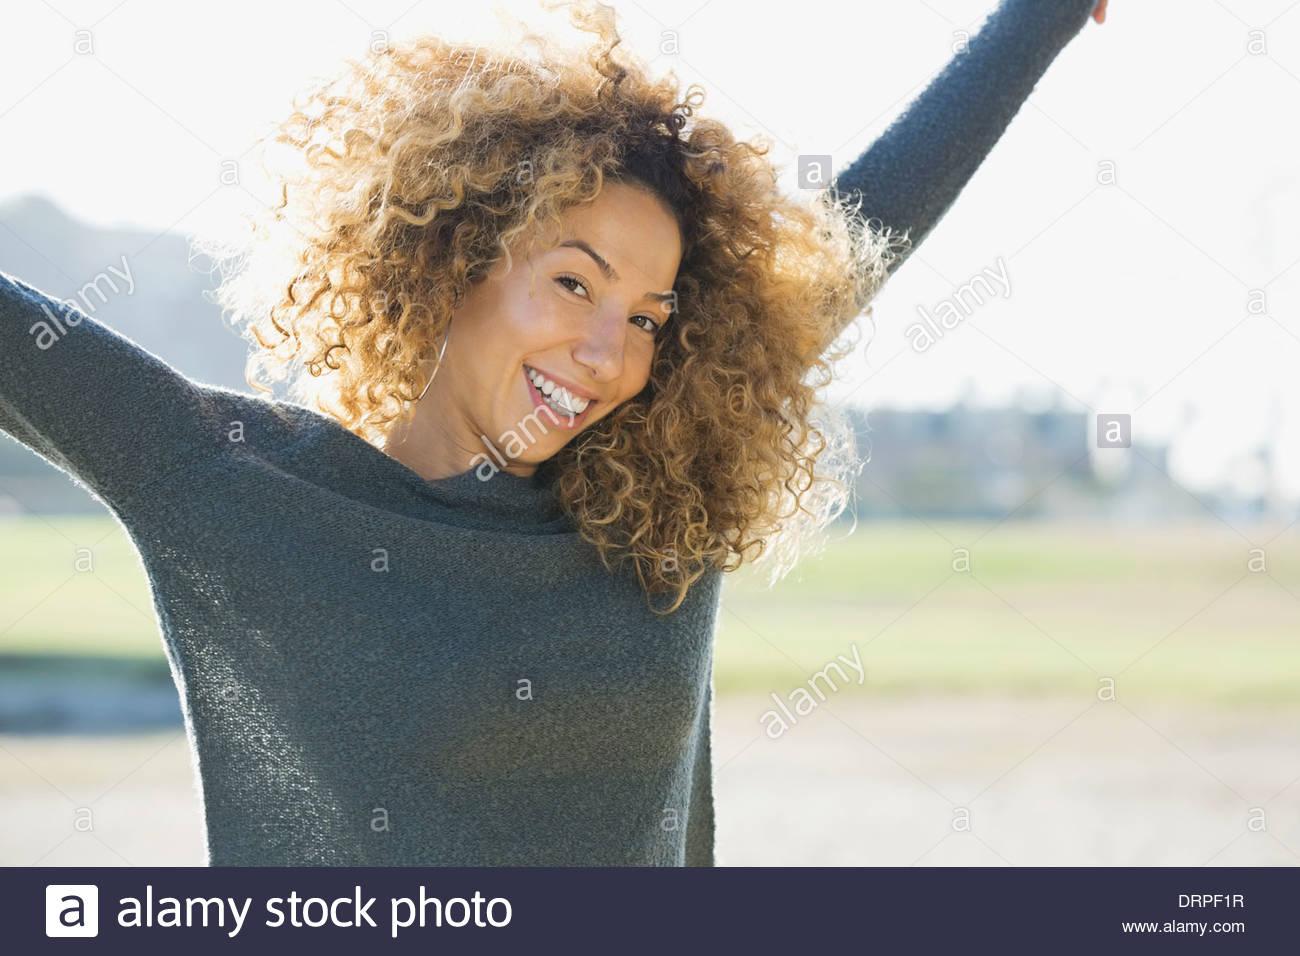 Retrato de mujer con los brazos levantados en el exterior Imagen De Stock